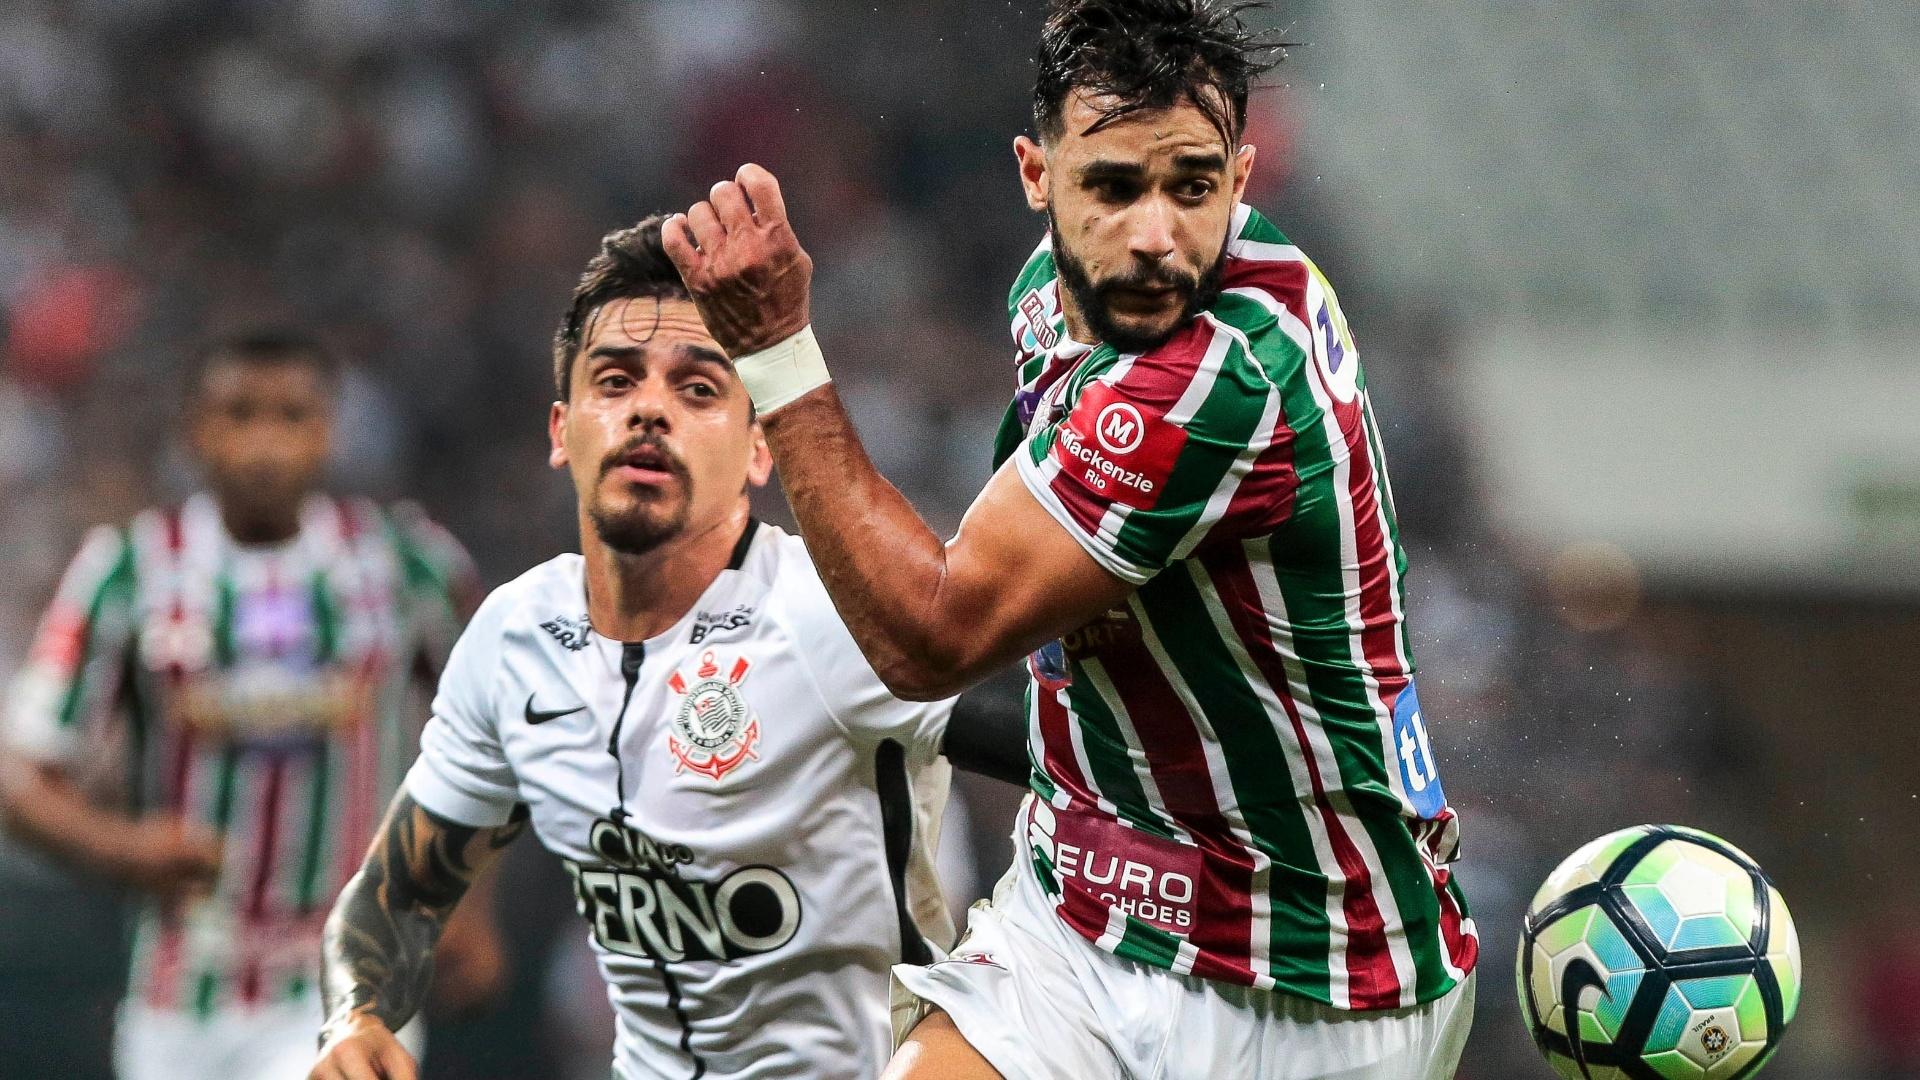 Observado por Fagner, o atacante Henrique Dourado domina a bola no jogo entre Corinthians e Fluminense, em Itaquera